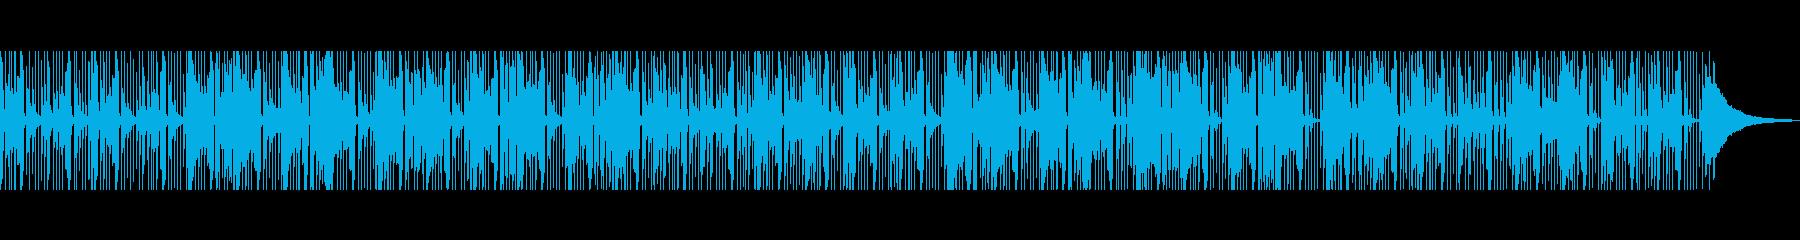 ほのぼの 素朴でゆったりとしたアコギの再生済みの波形